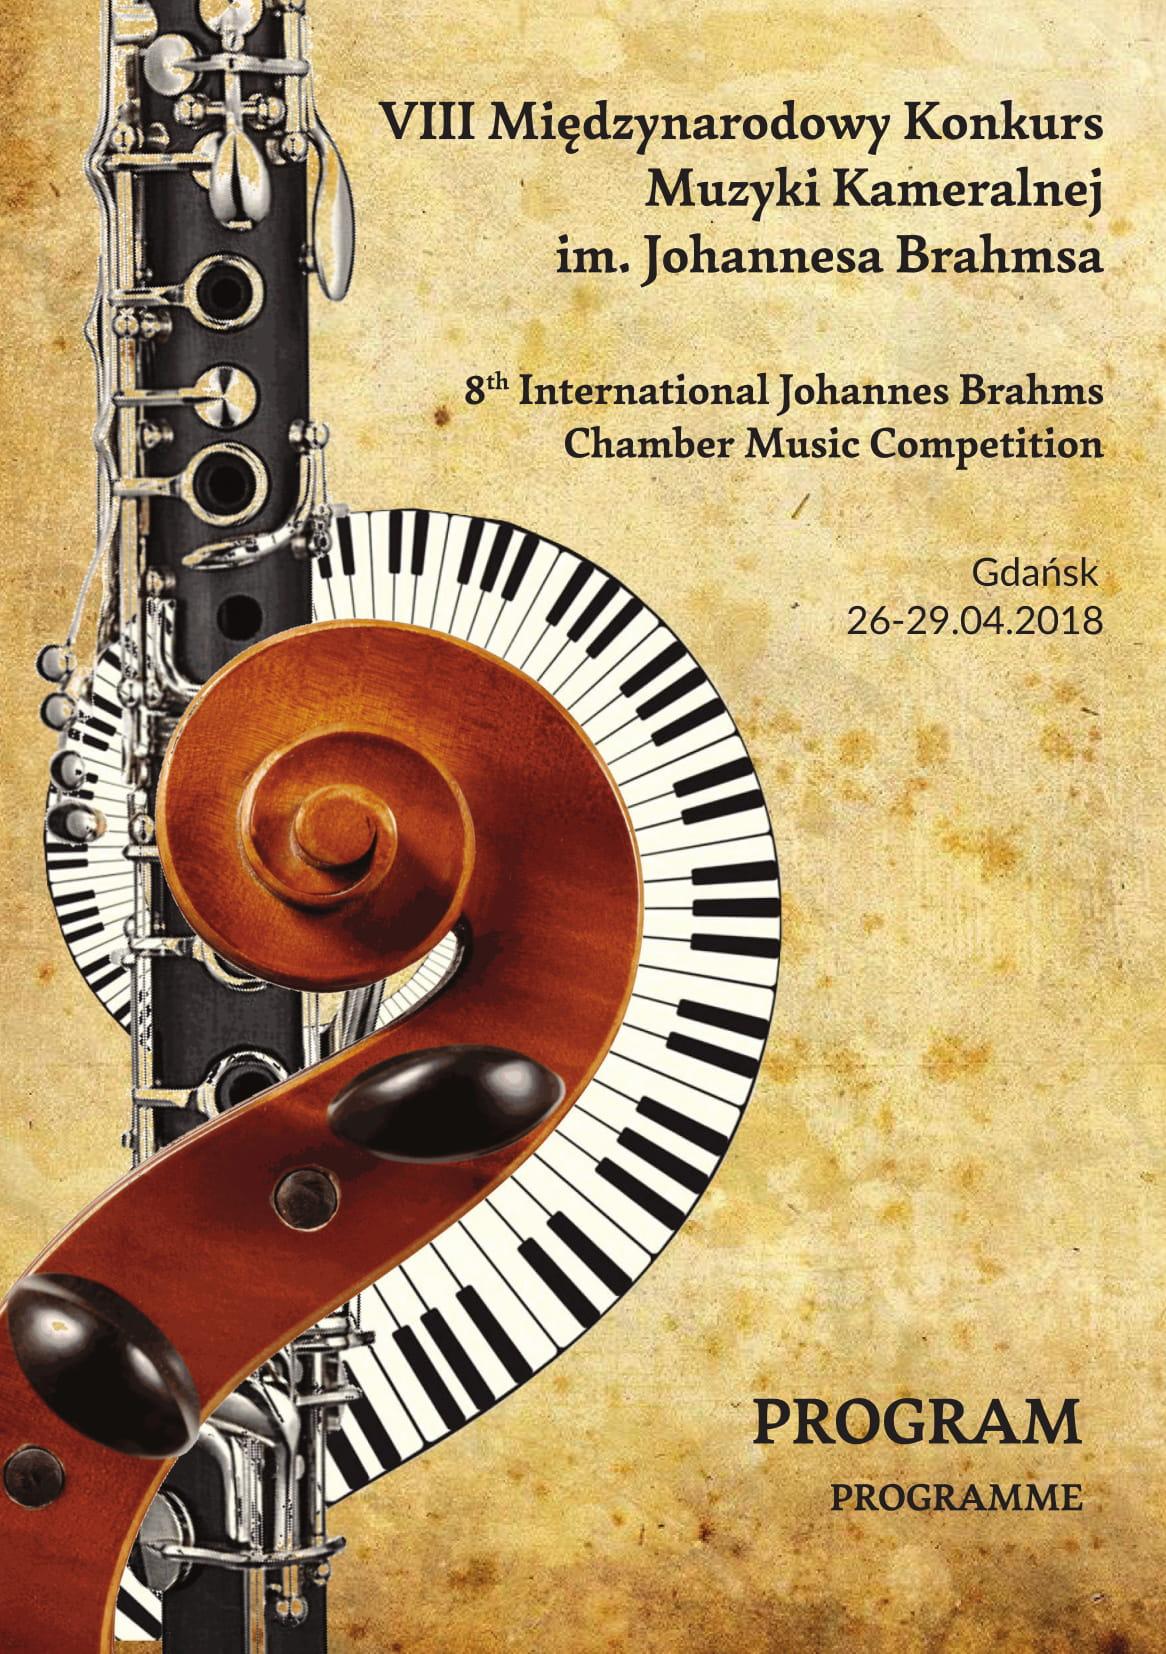 VIII Międzynarodowy Konkurs Muzyki Kameralnej im. Johannesa Brahmsa (źródło: materiały prasowe organizatora)